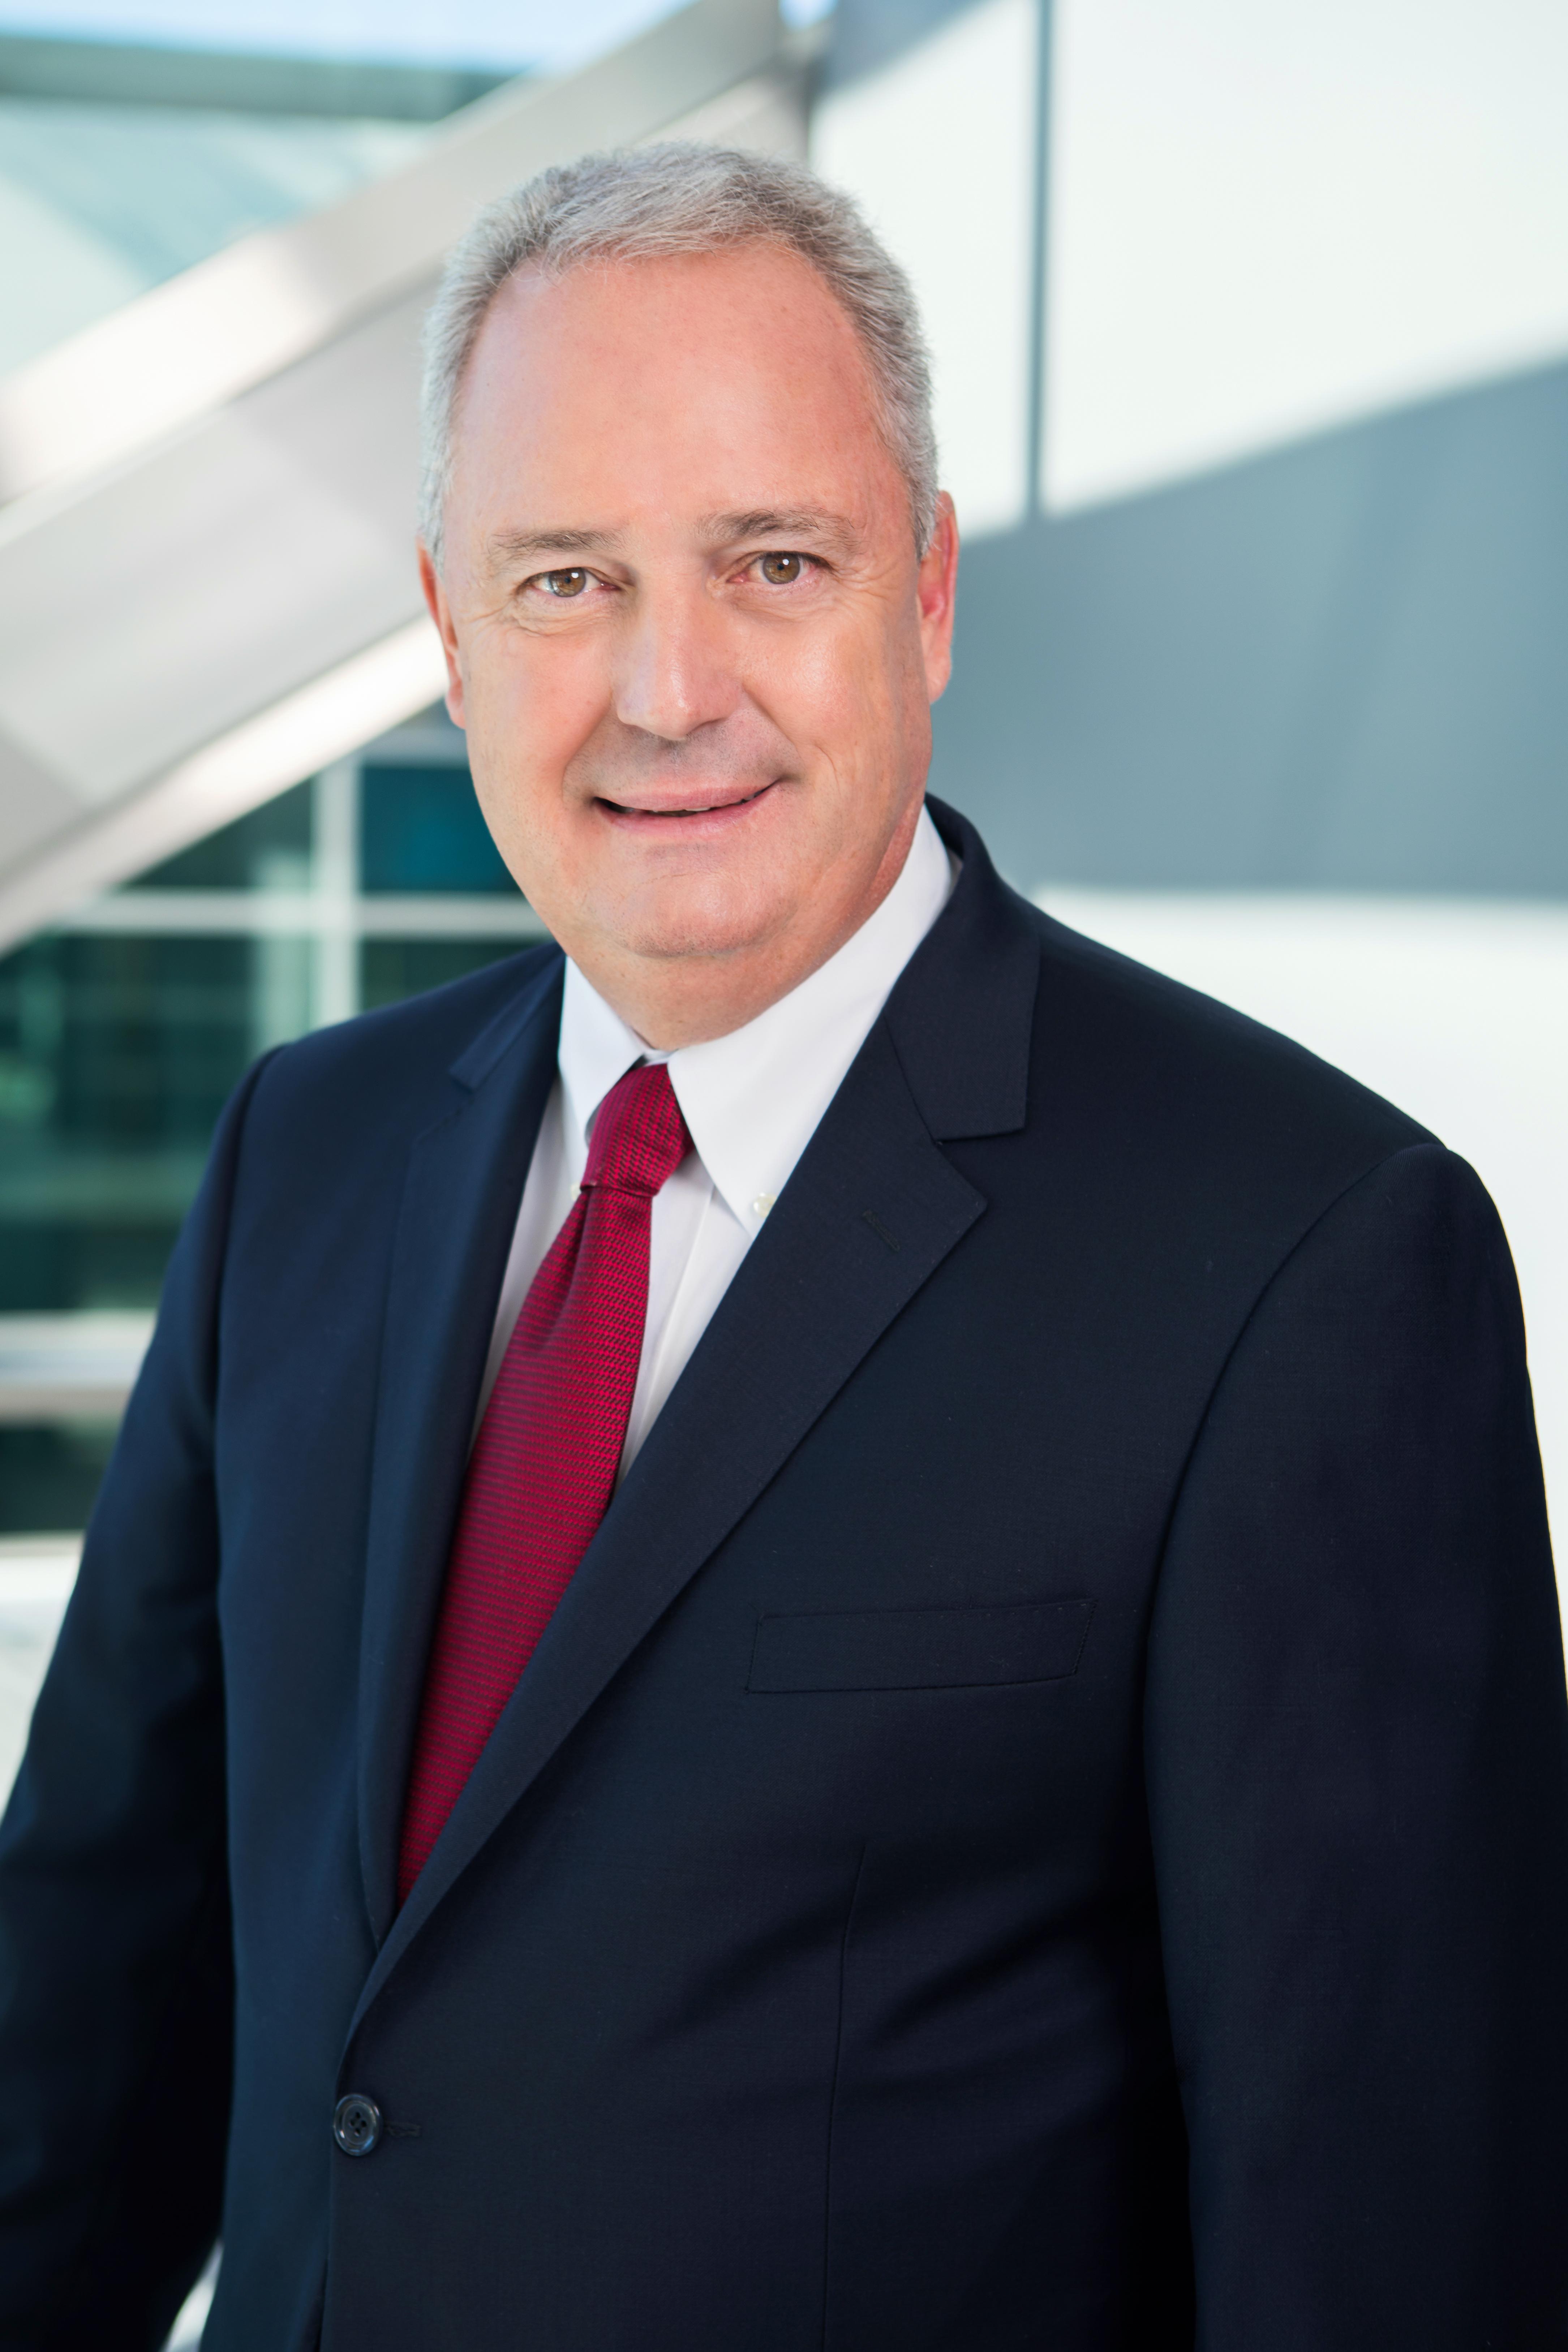 L. Michael Kettel, M.D., F.A.C.O.G.